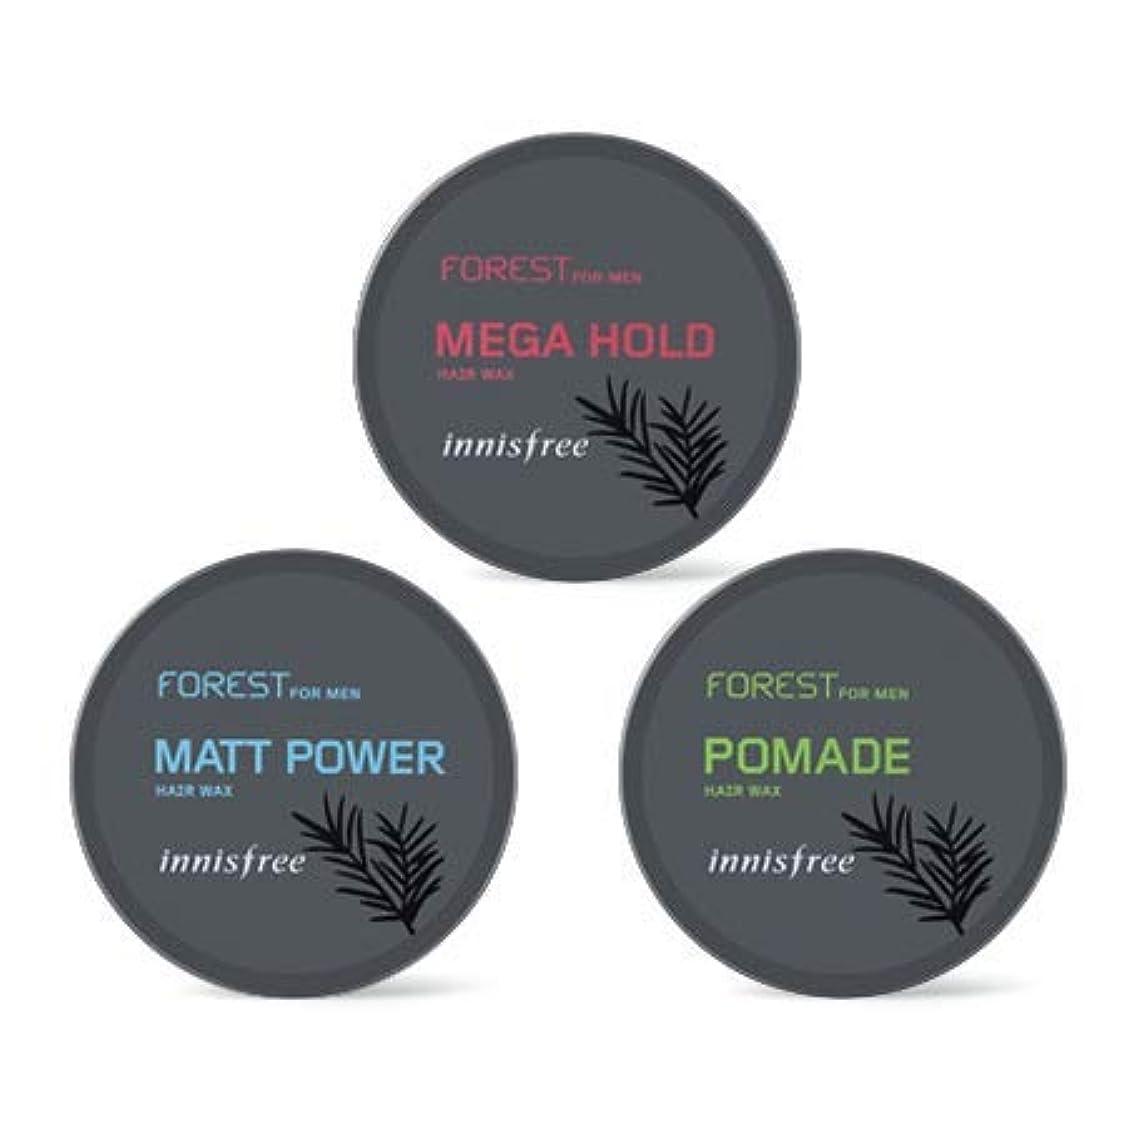 振る舞い学部呼吸[イニスフリー.INNISFREE](公式)フォレストフォアマンヘアワックス(3種)/ Forest For Men Hair Wax(60G、3 kind) (# mega hold)